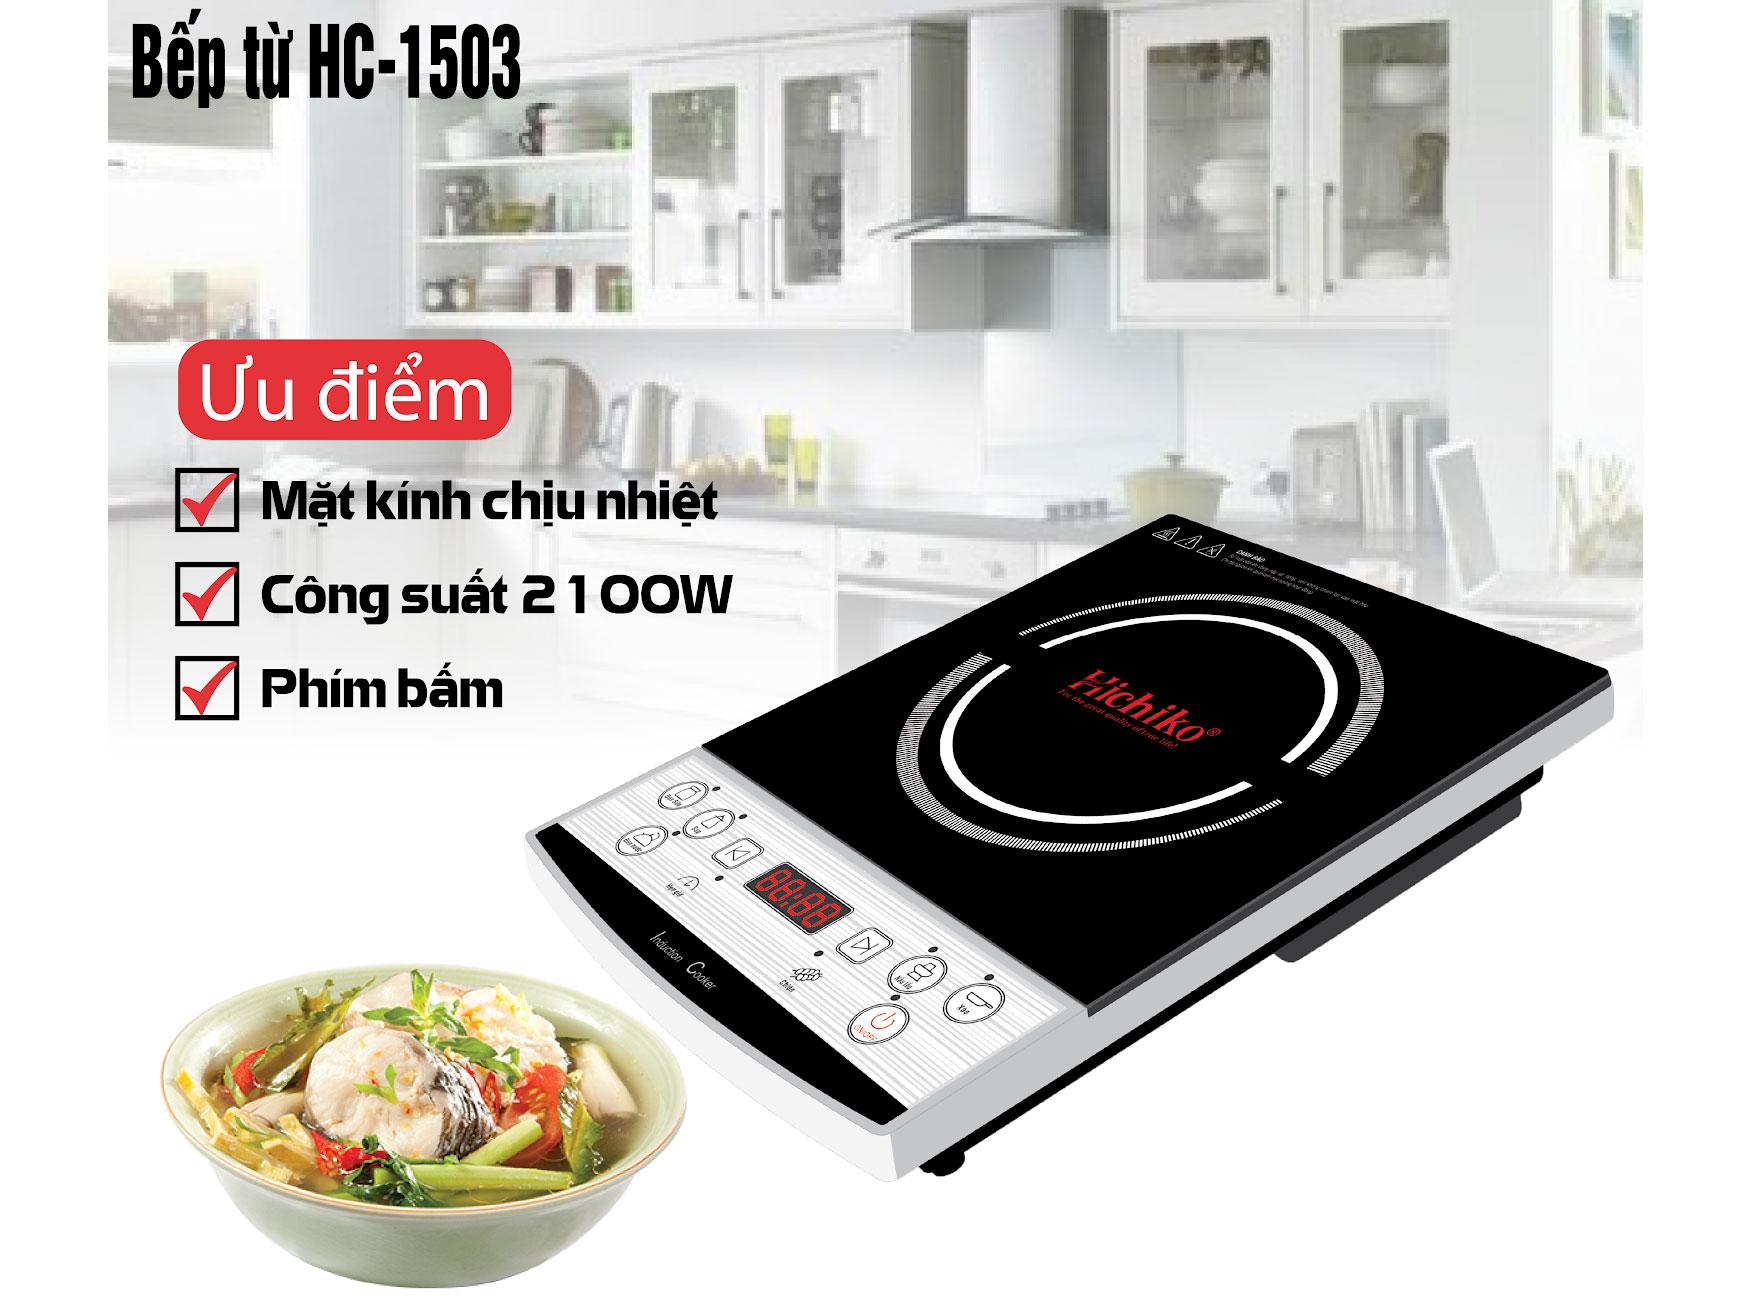 Bếp từ Hichiko HC-1503